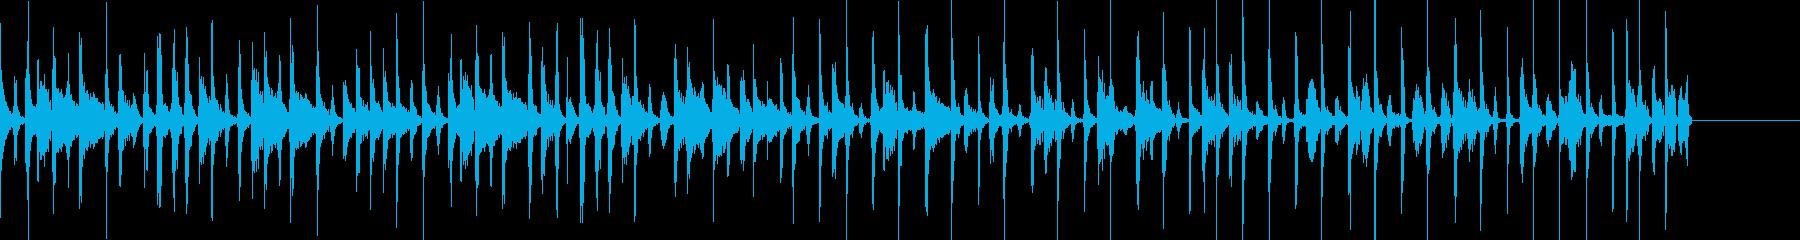 パーカッションとファミコン音で構築した曲の再生済みの波形